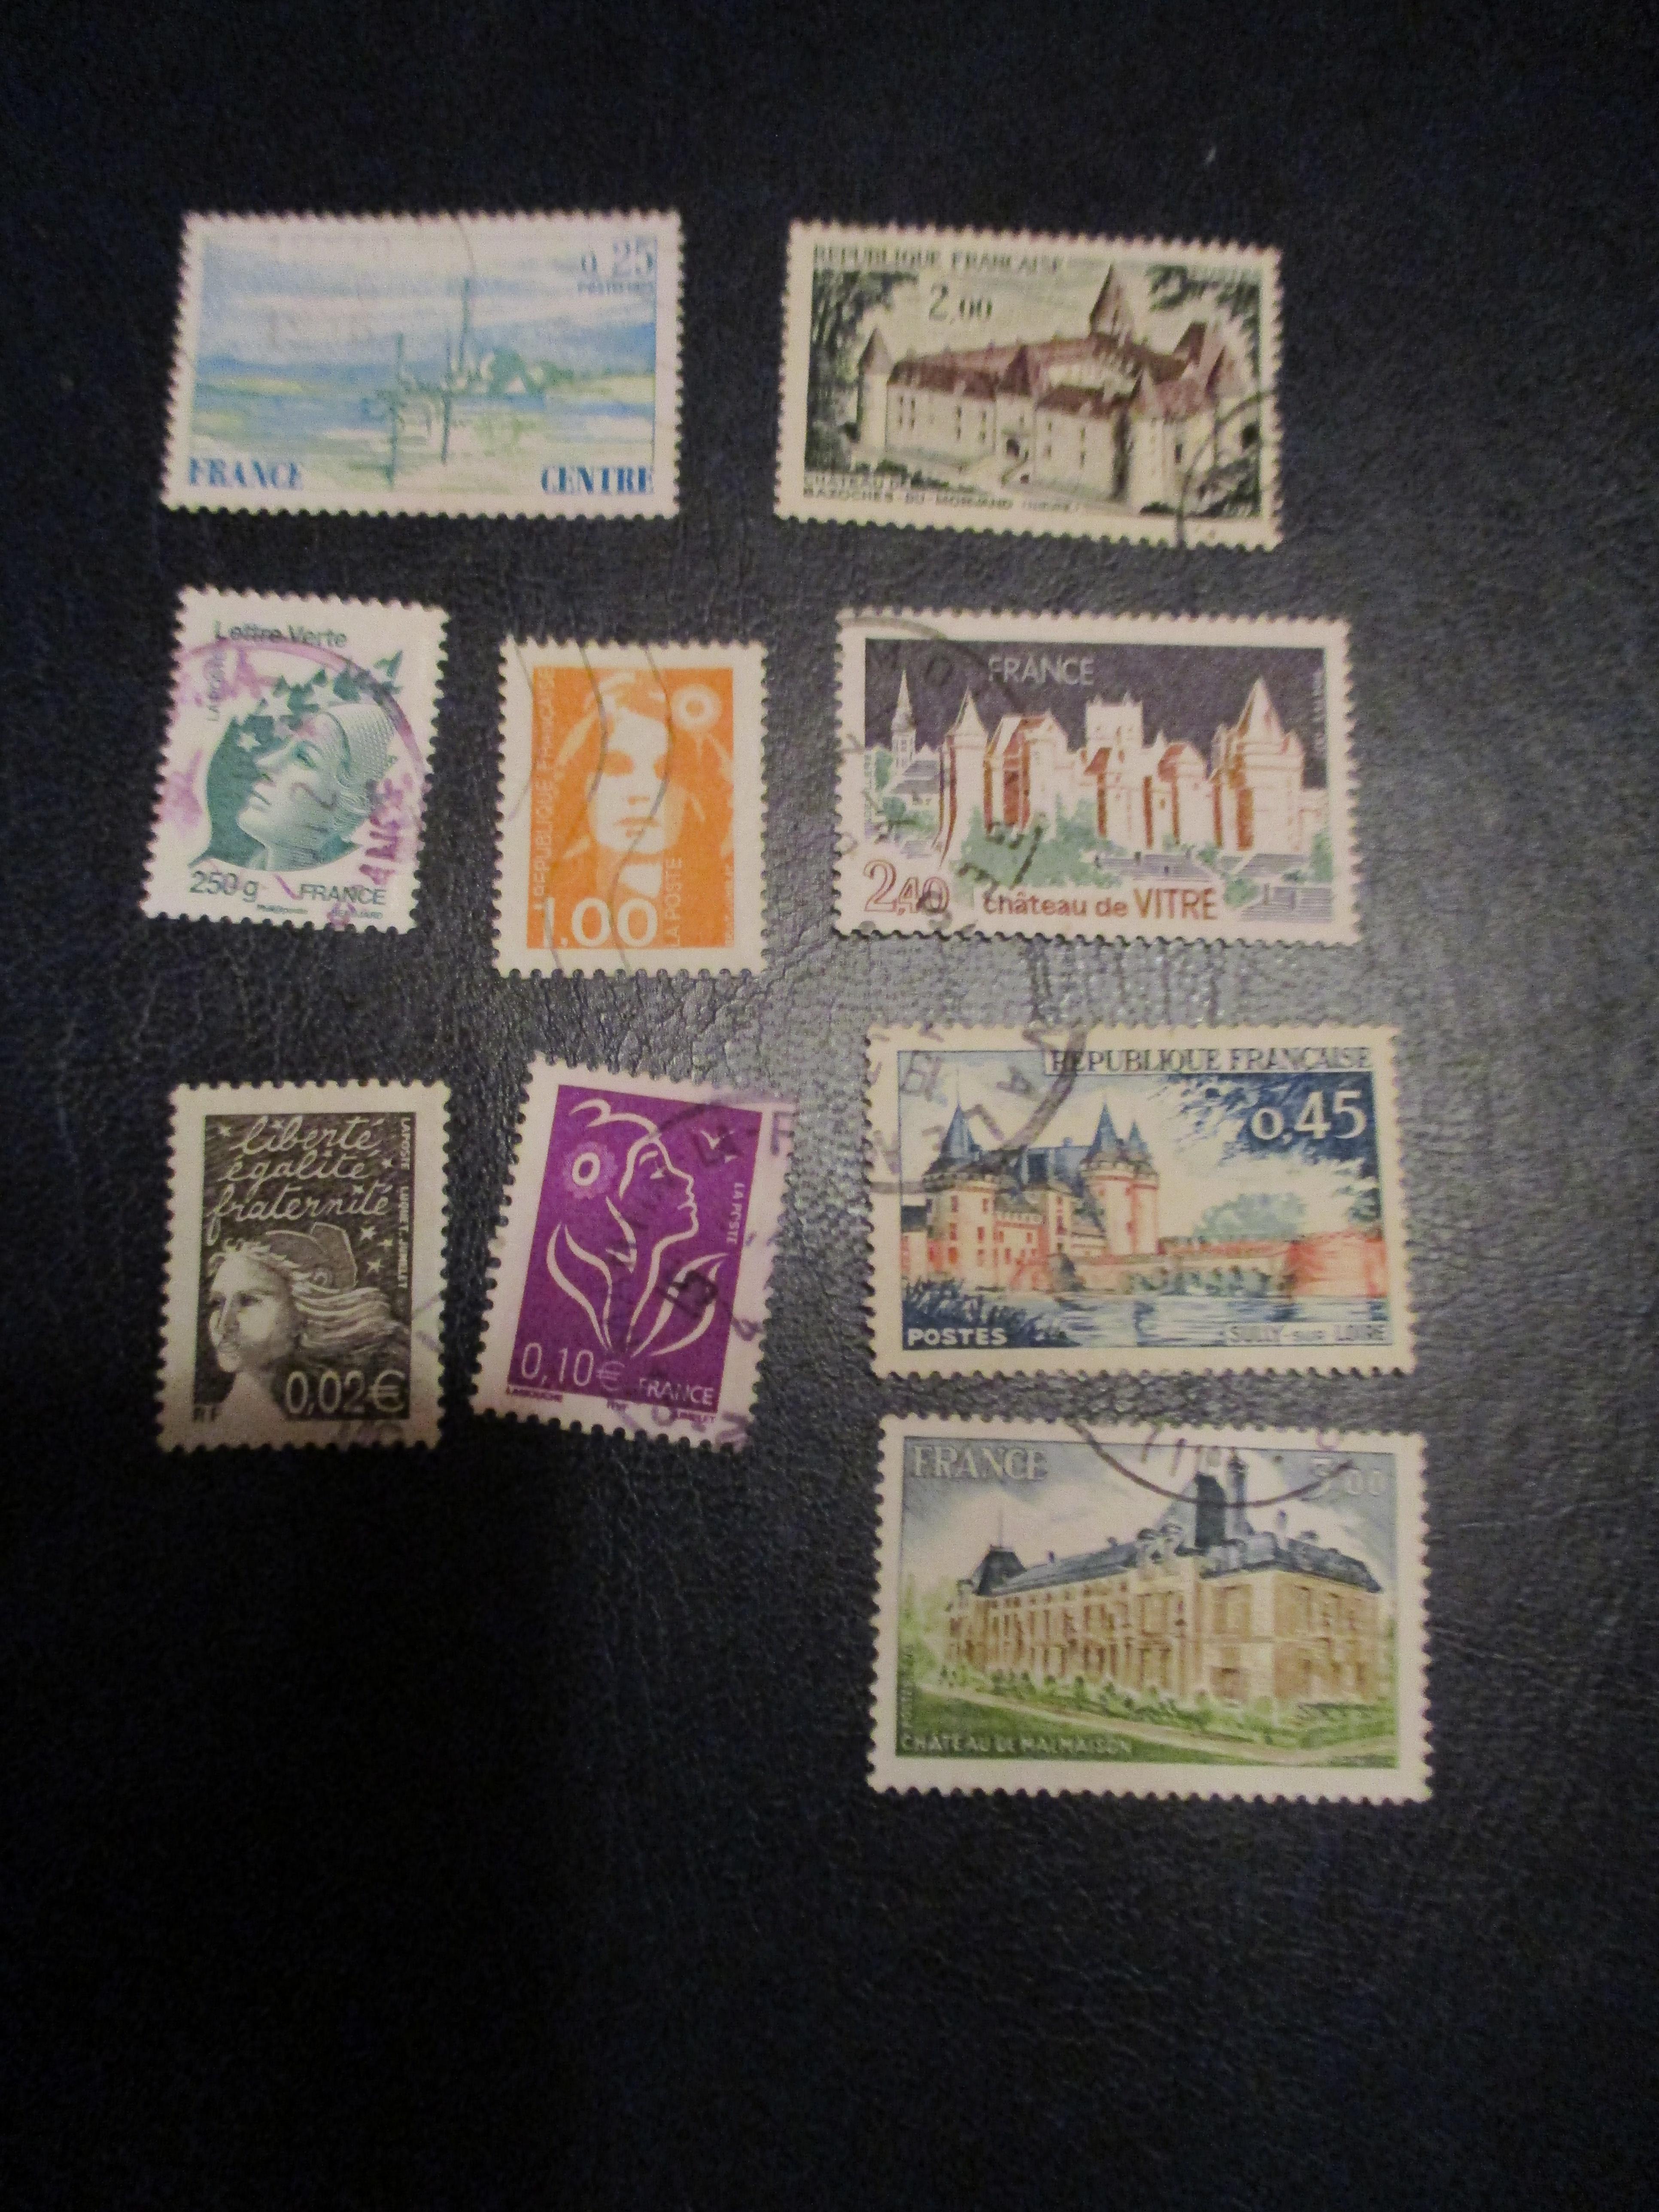 troc de troc réservé dauvpic - lot  9 timbres chateaux et autres image 0